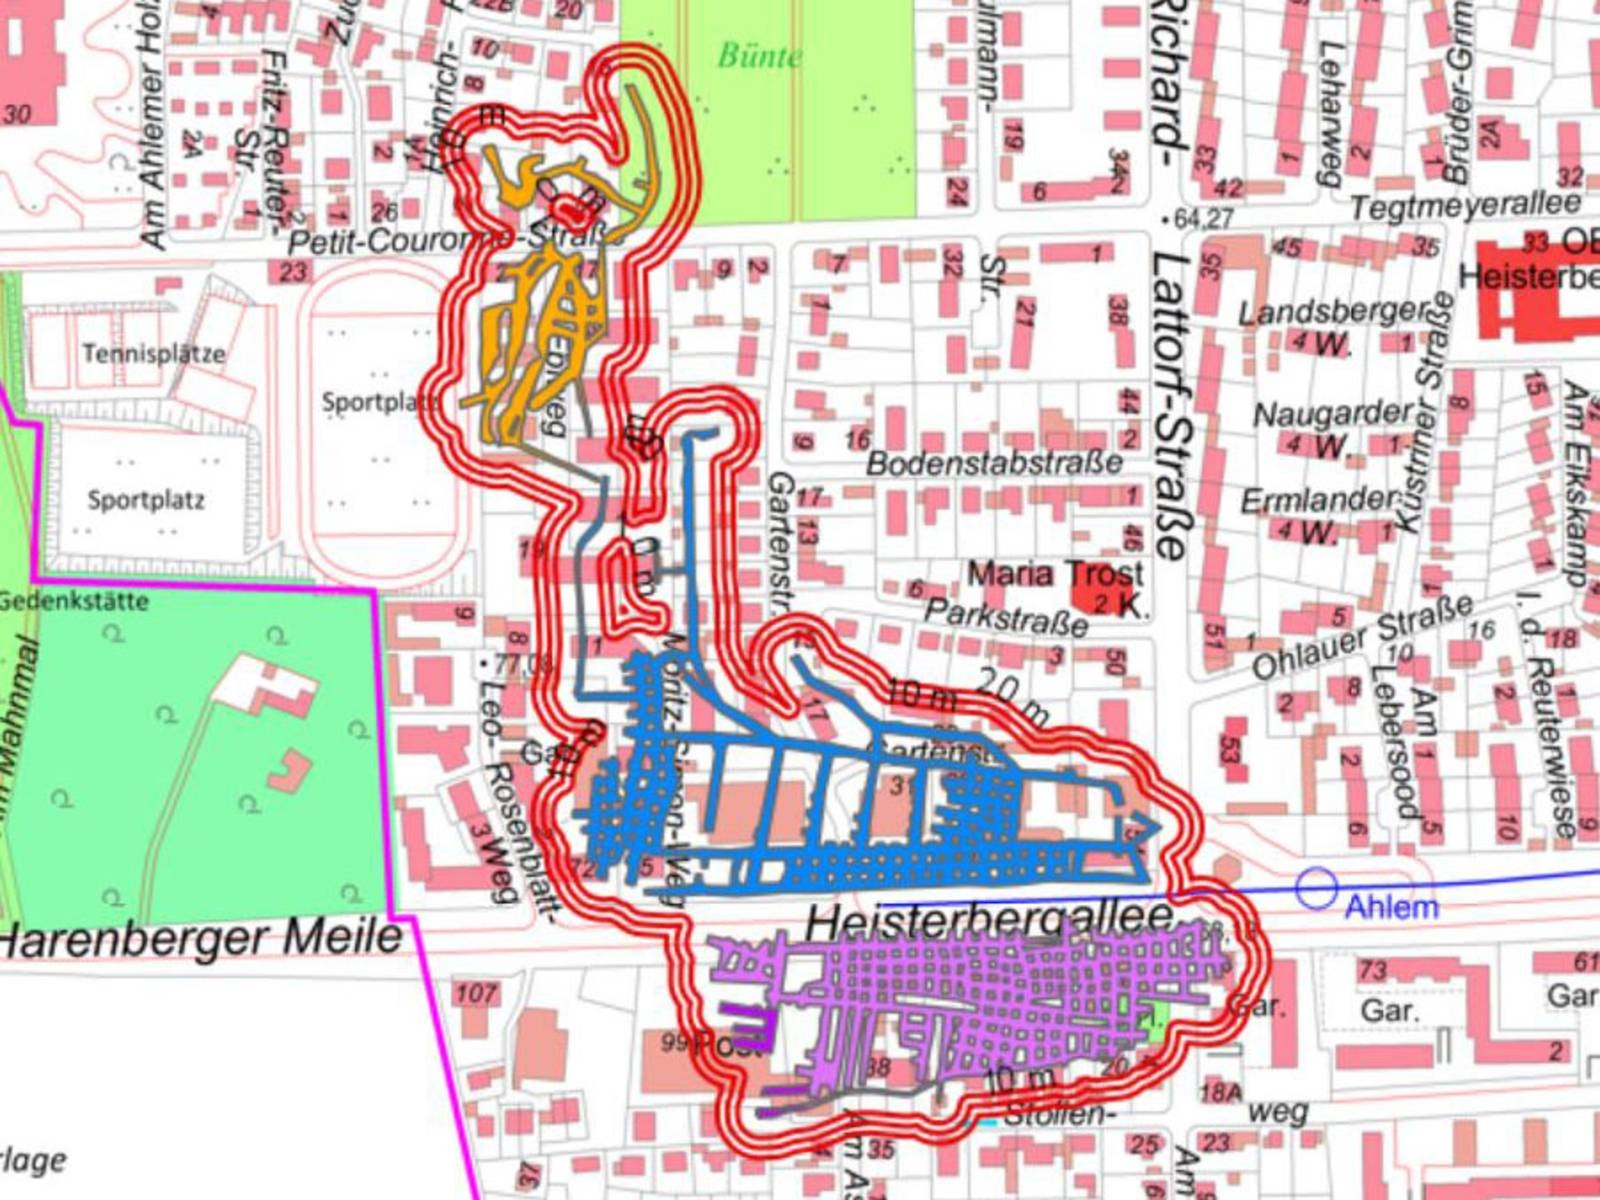 Stadtteilkarte mit blau, lila und gelb markierten Bereichen, an denen die ehemaligen Asphaltstollen unterirdisch liegen.